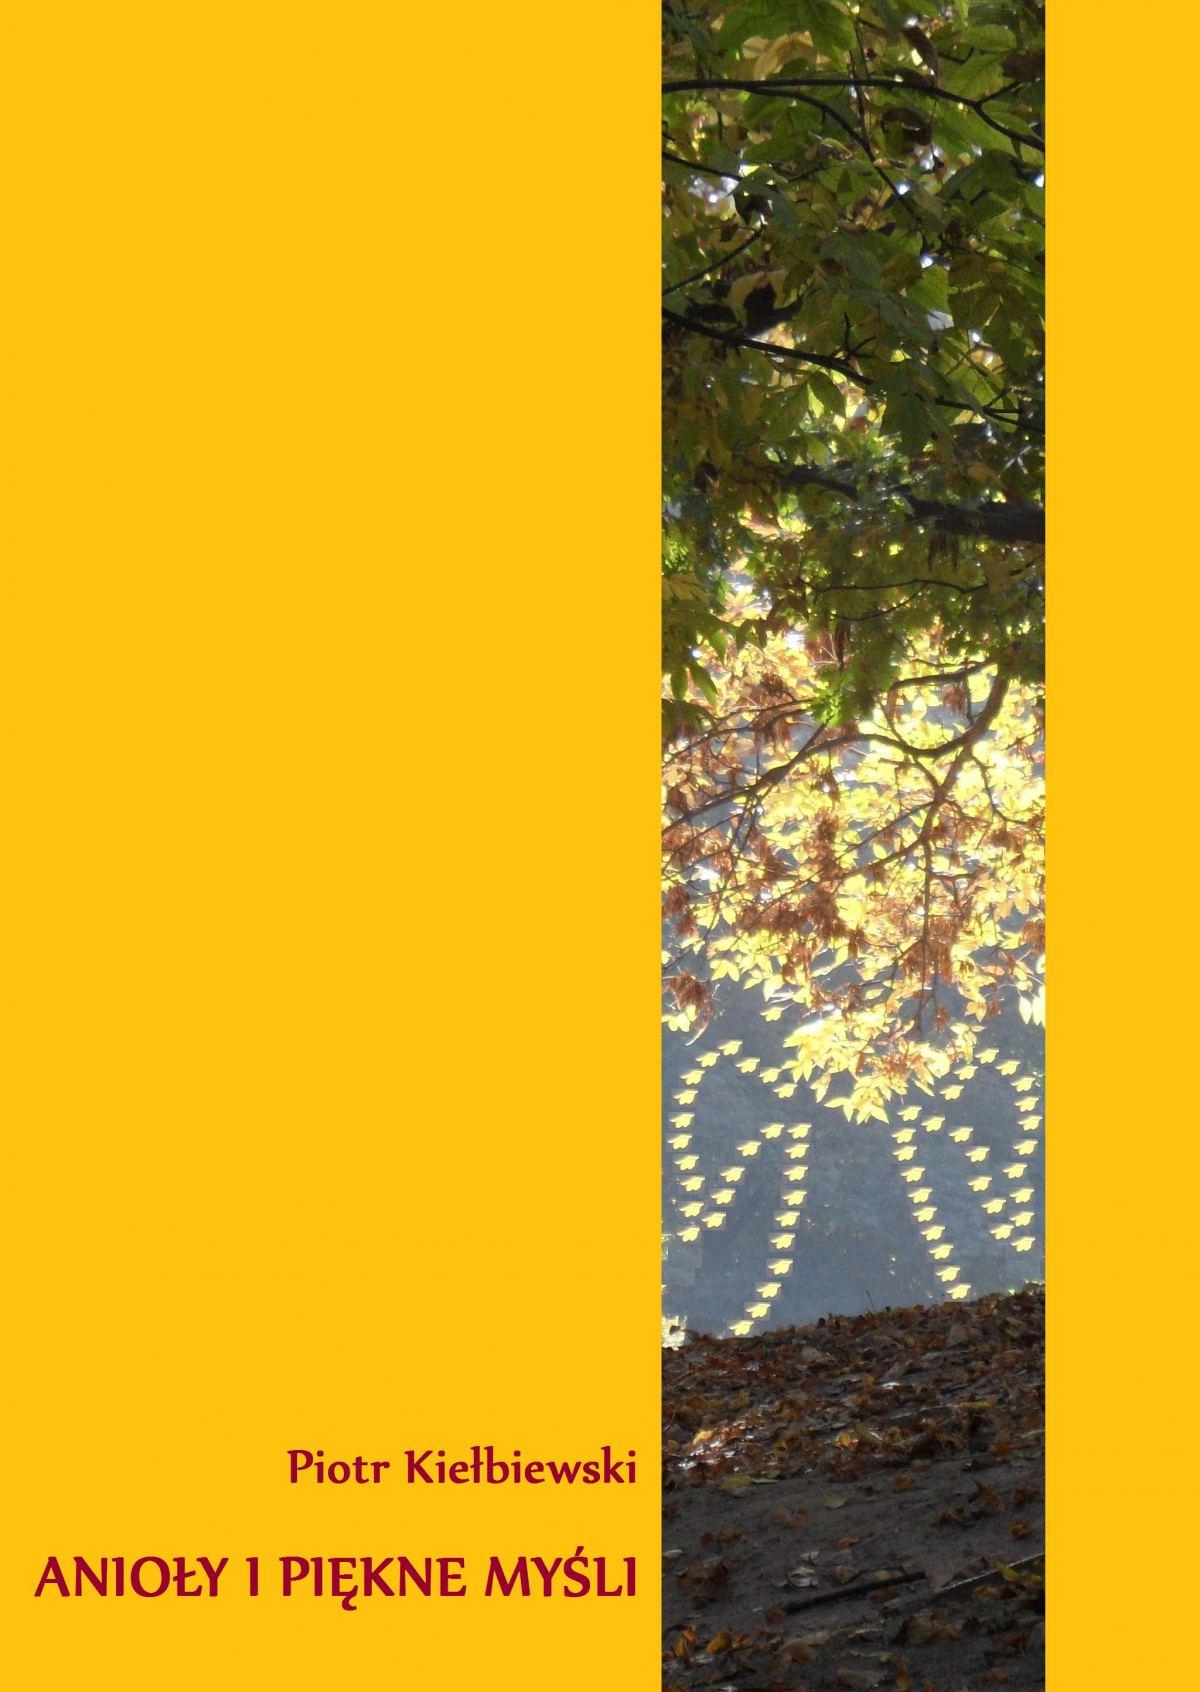 Anioły i piękne myśli - Ebook (Książka na Kindle) do pobrania w formacie MOBI